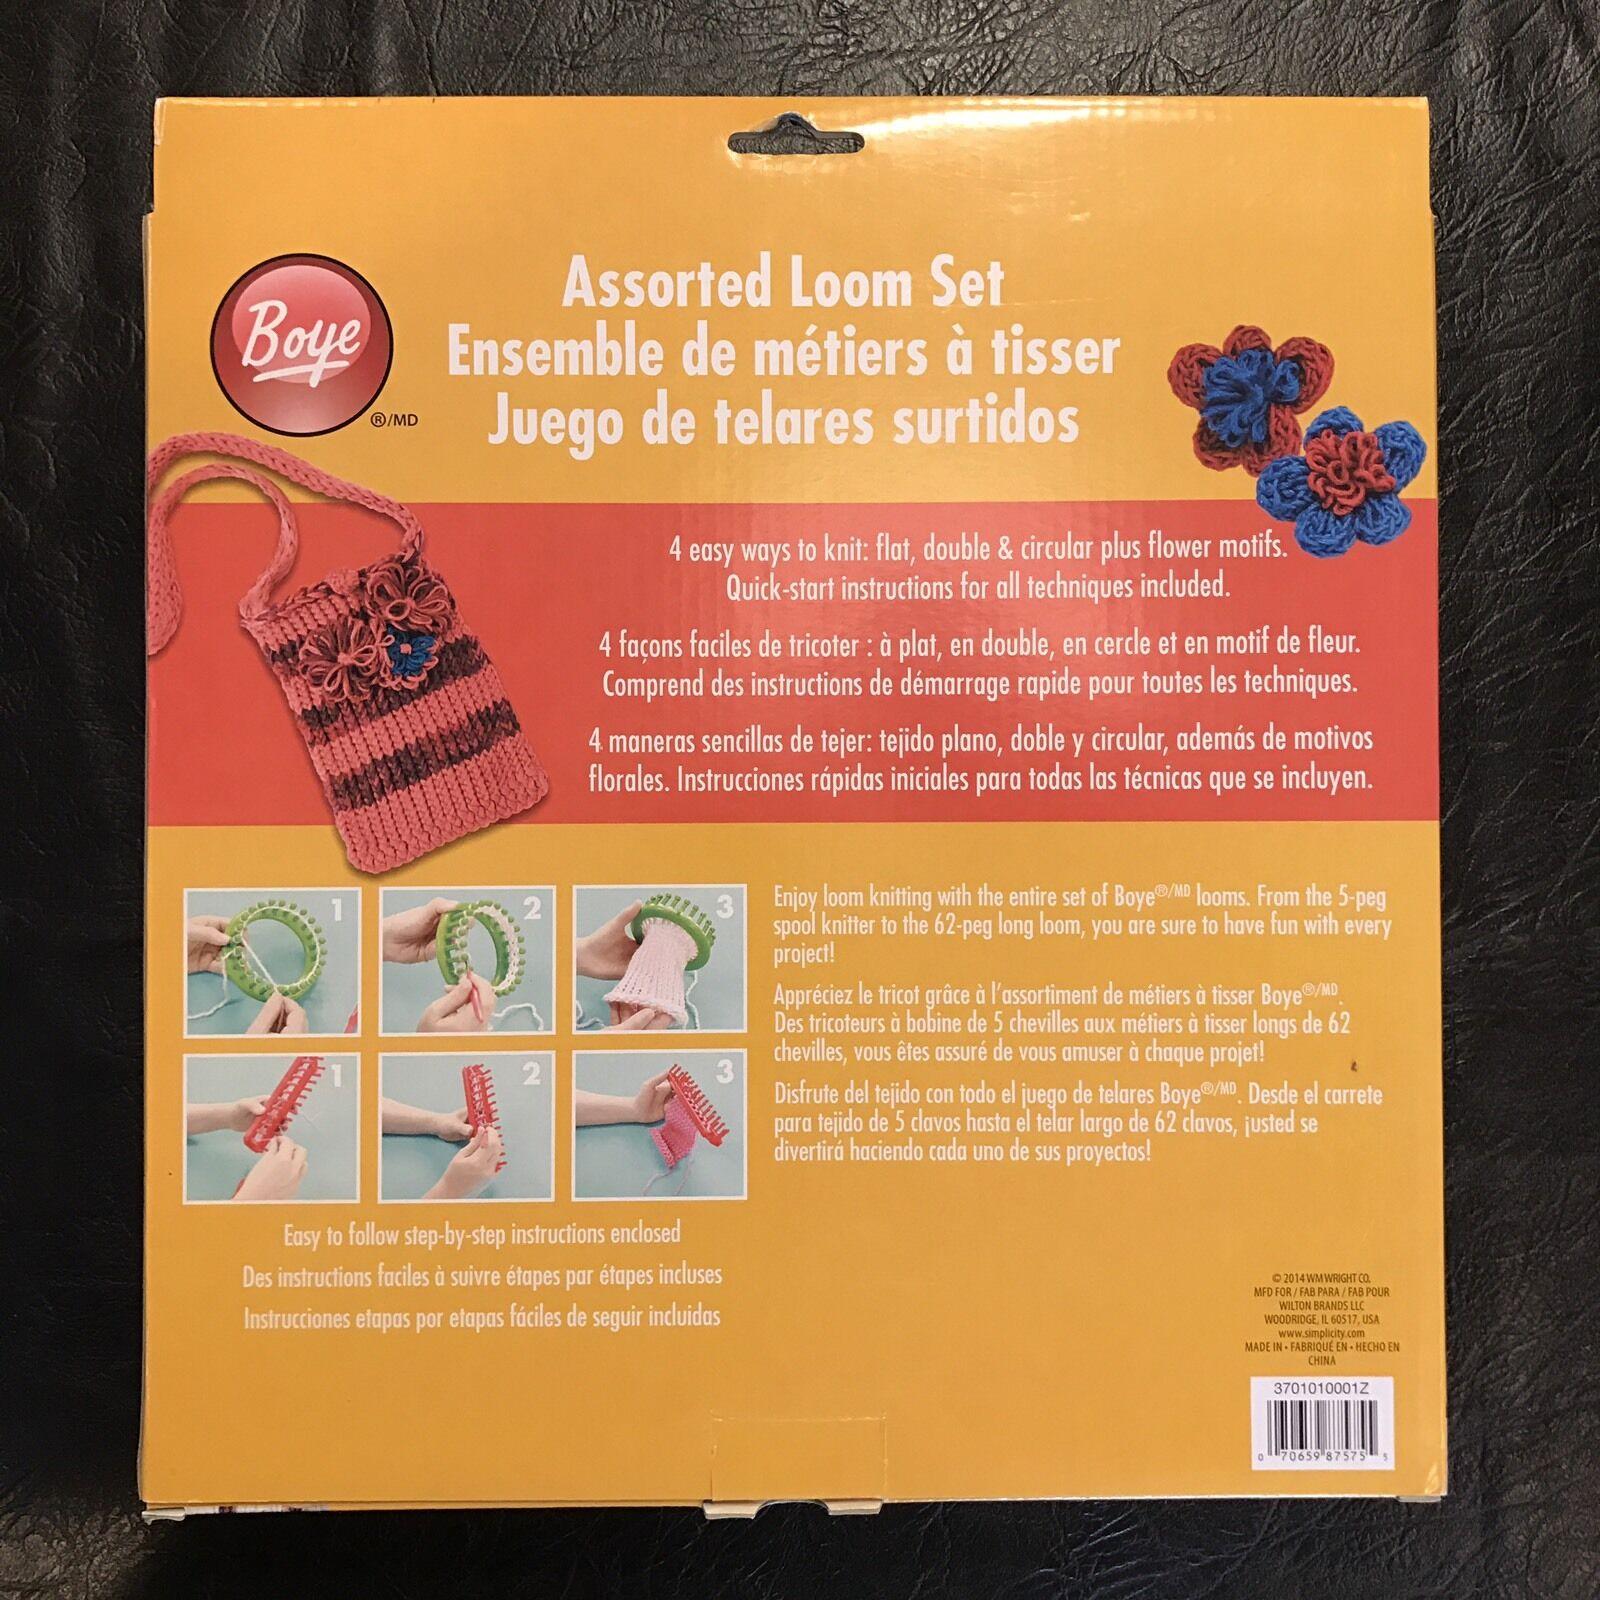 Boye Assorted Loom Set 4 Looms Flat Round Needle Instructions Ebay